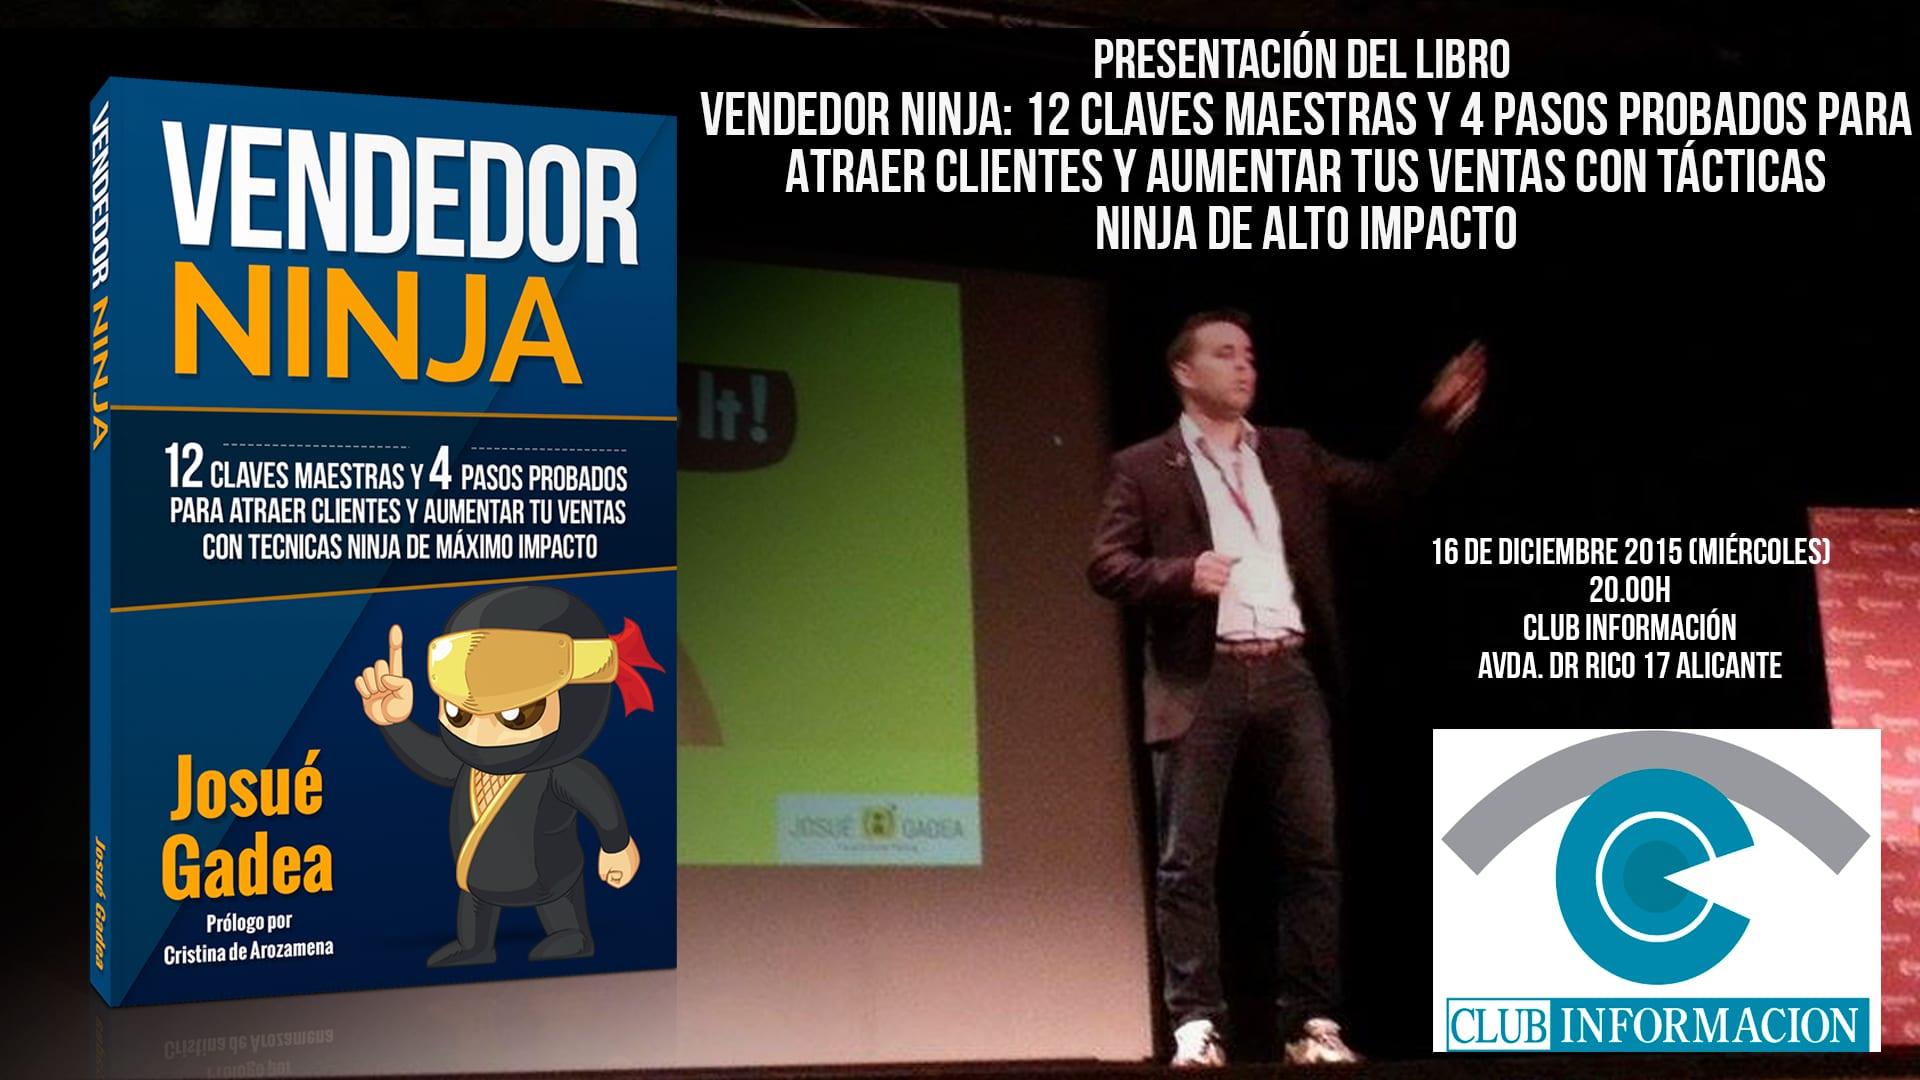 #Vendedor Ninja así fue la presentación del #1 en ventas en Amazon España y México